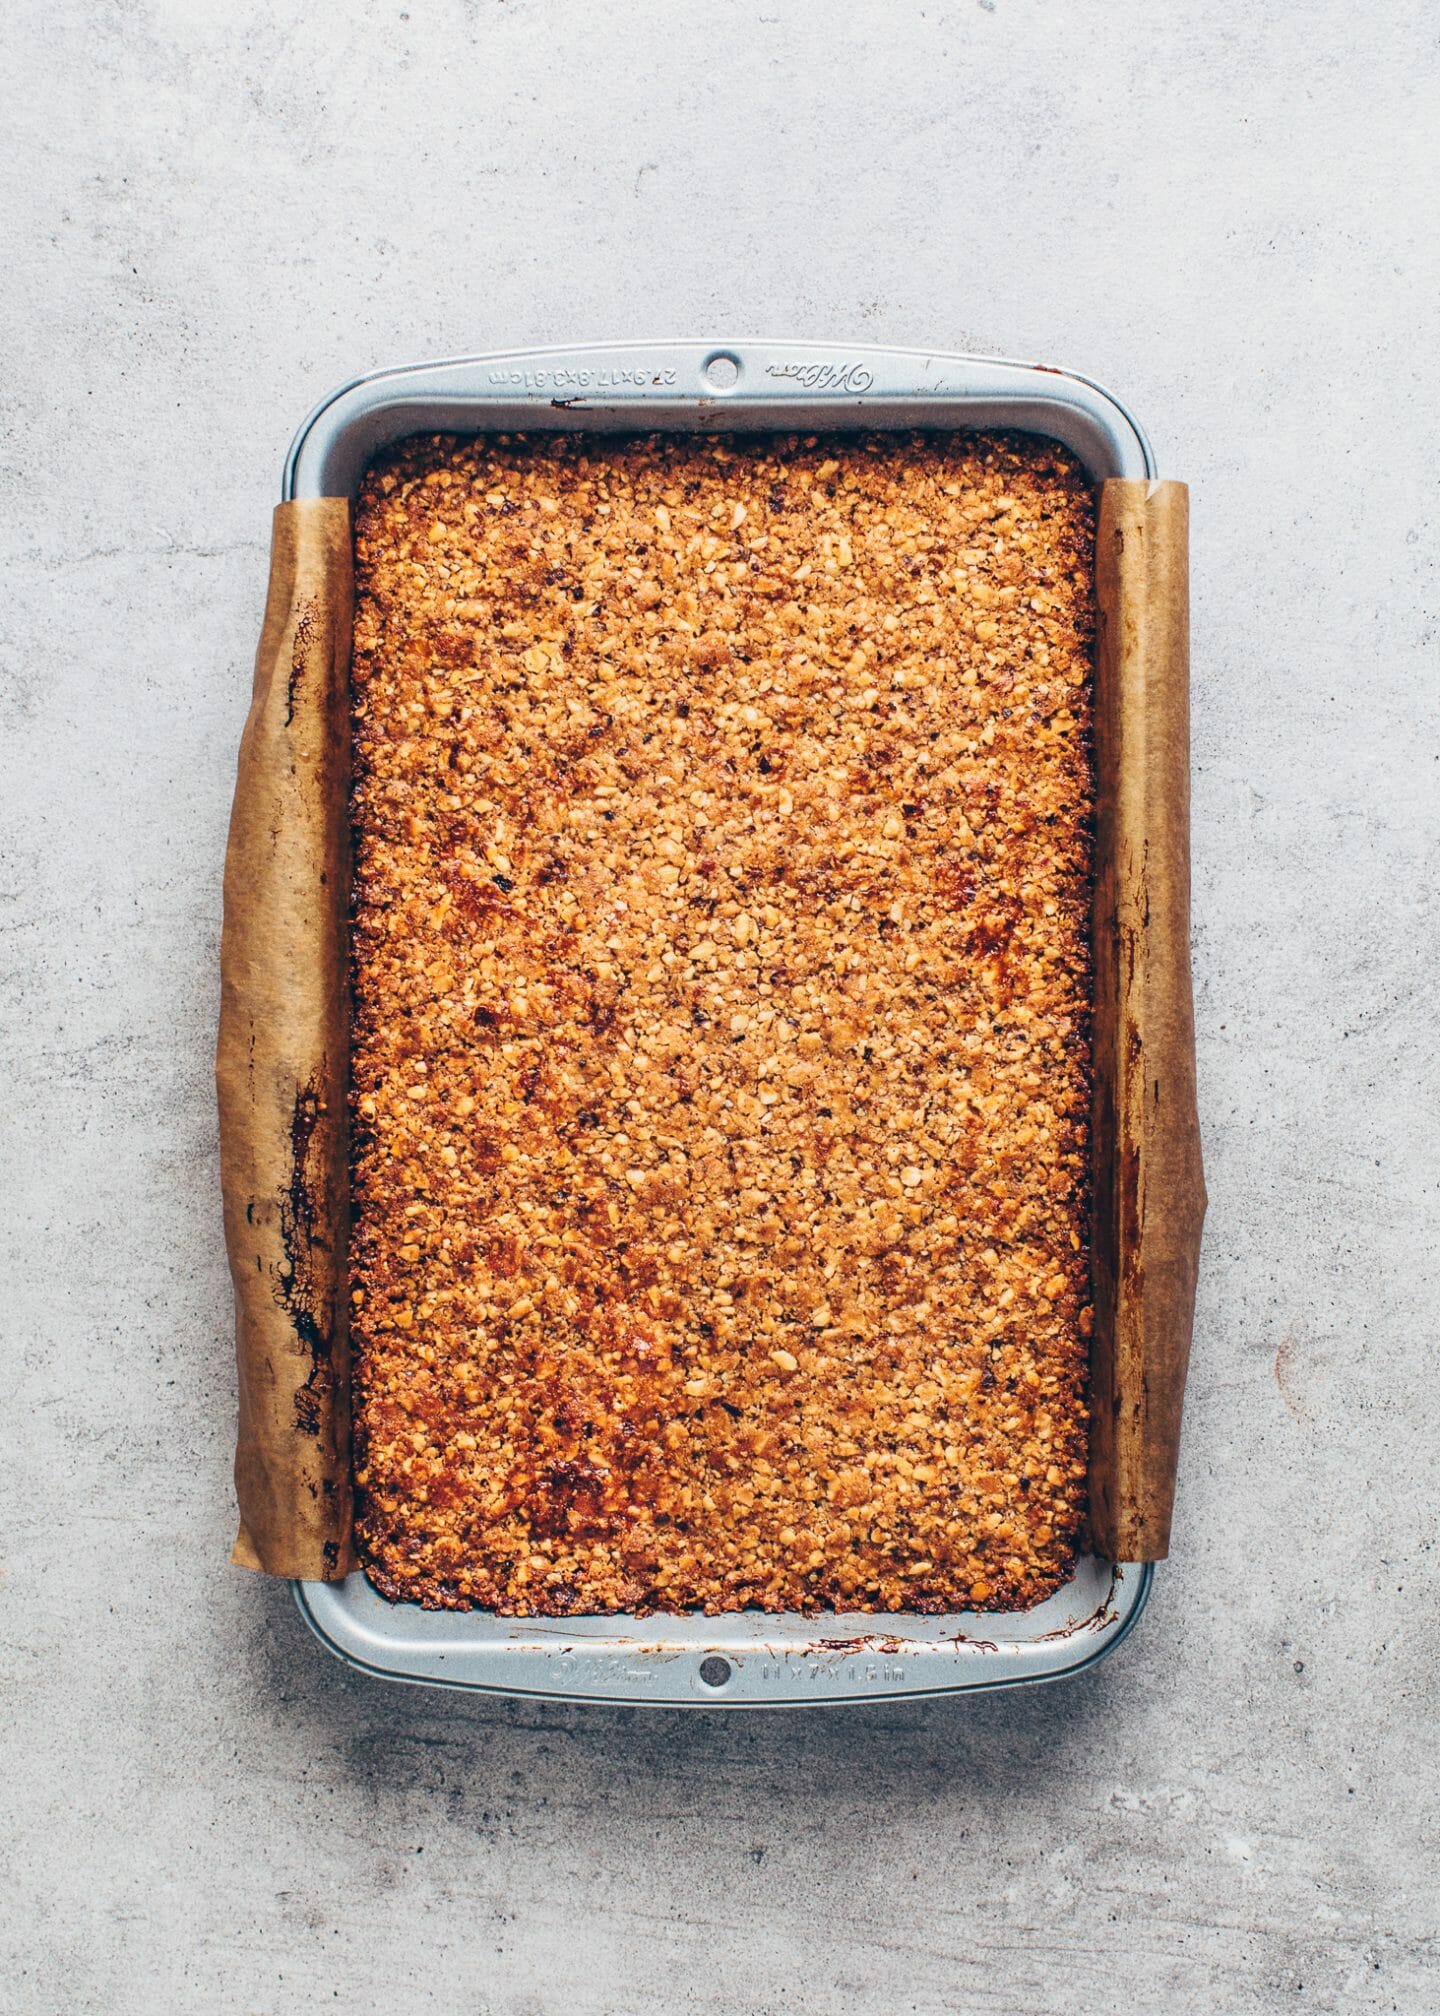 nut bars with caramelized hazelnut topping